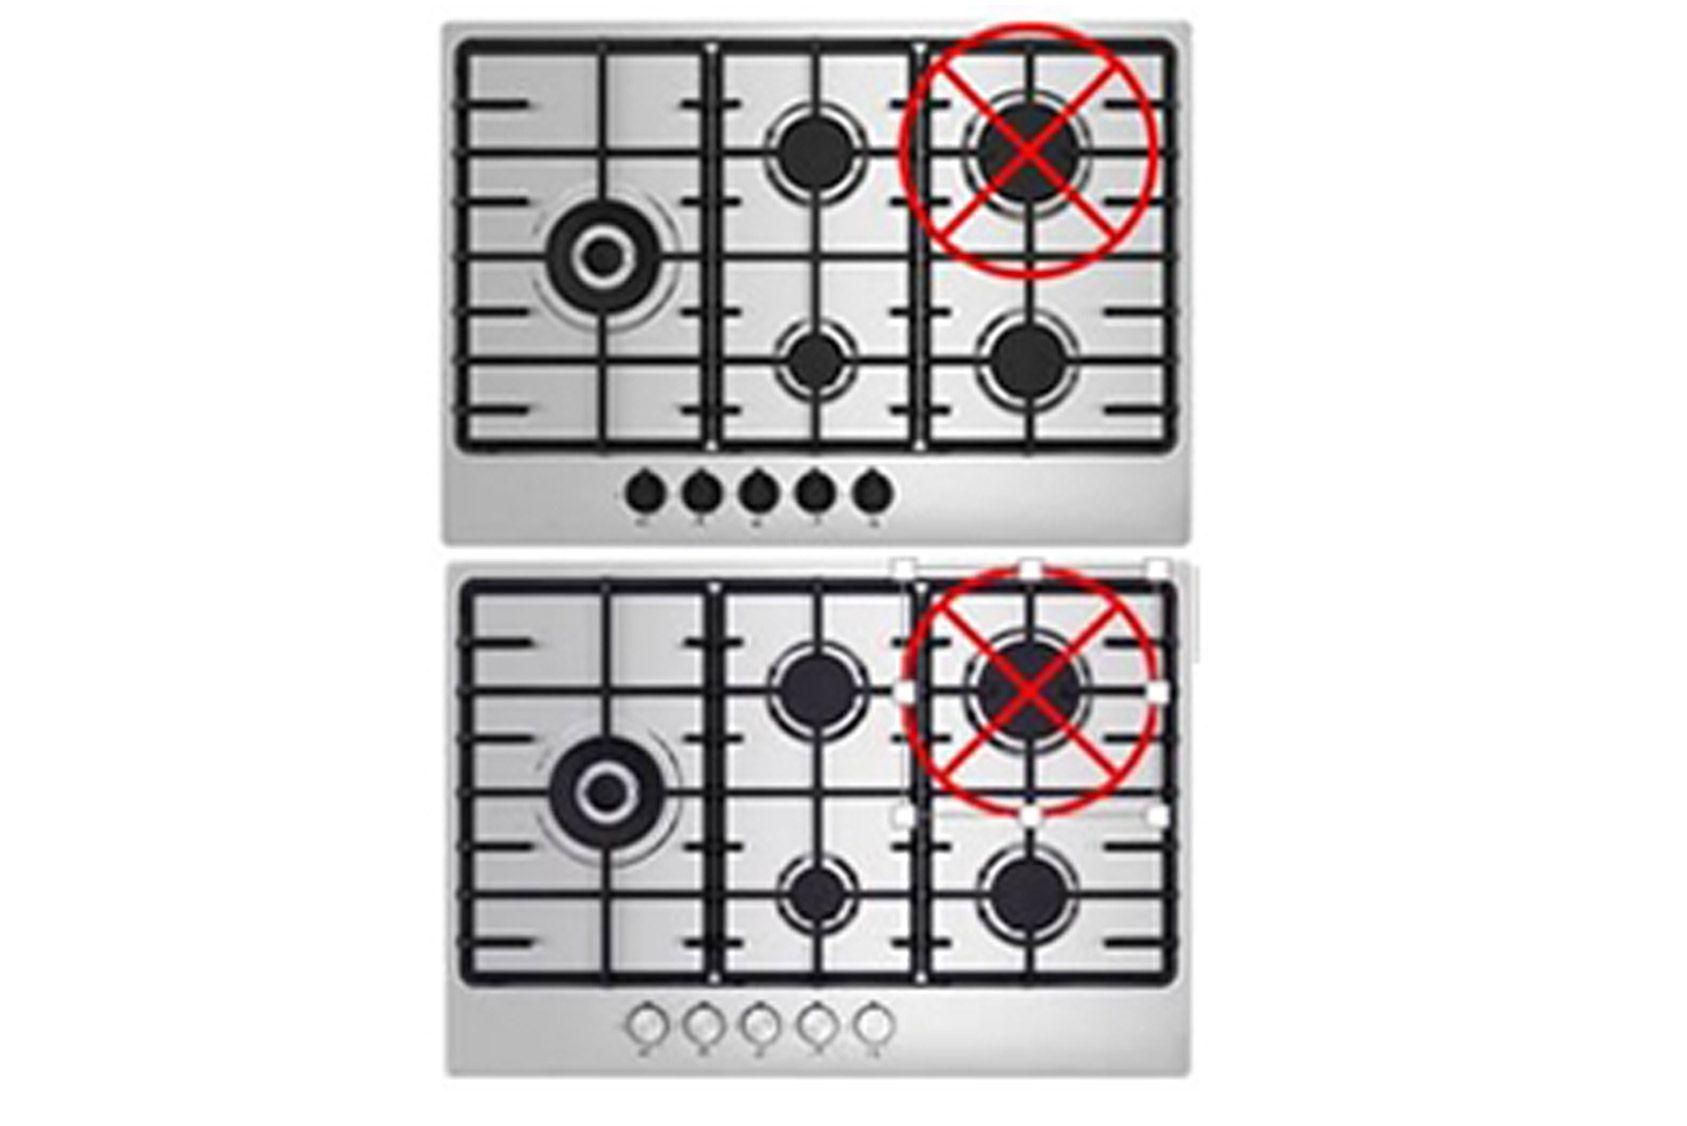 Ikea rappelle des tables de cuisson à gaz défectueuses